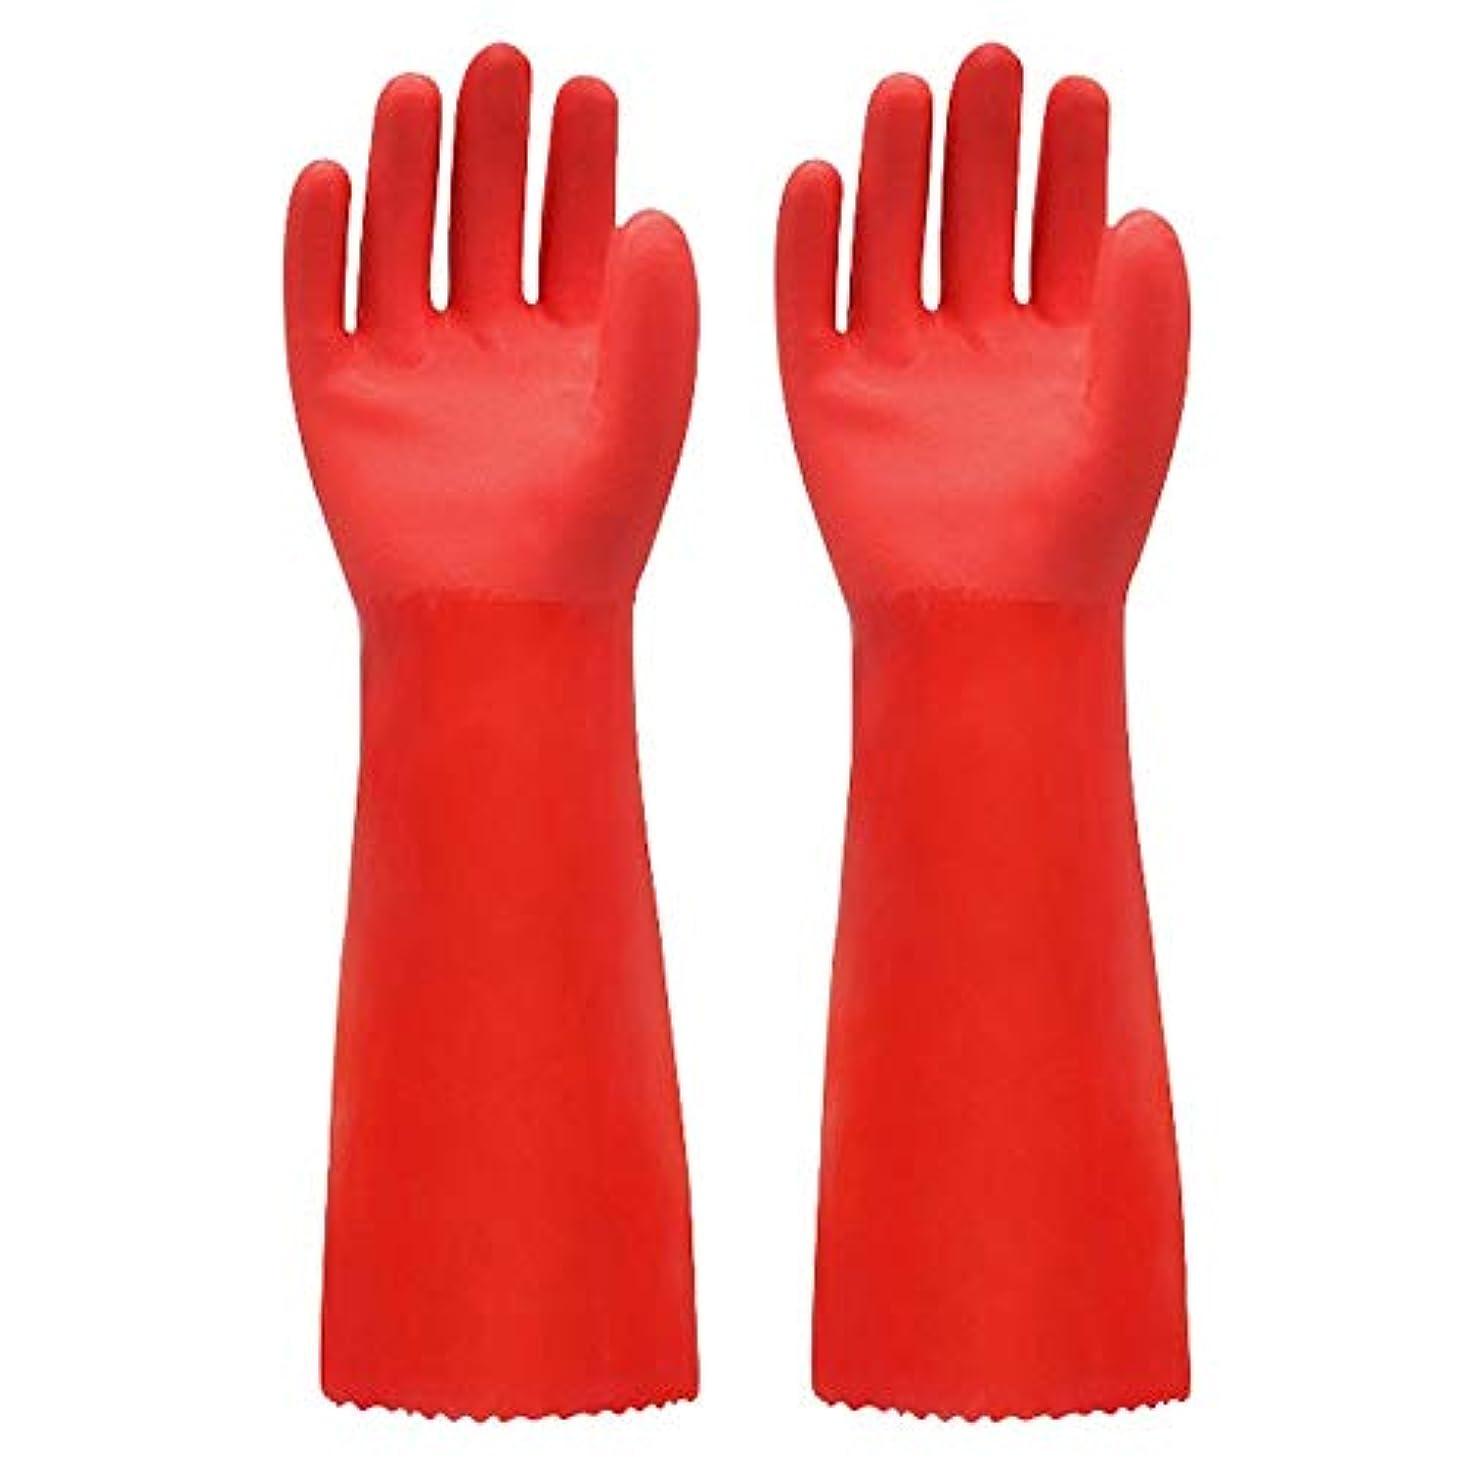 九月可能セクション使い捨て手袋 ゴム手袋長く暖かいとビロードのゴム製防水と耐久性のある手袋、1ペア ニトリルゴム手袋 (Color : RED, Size : L)